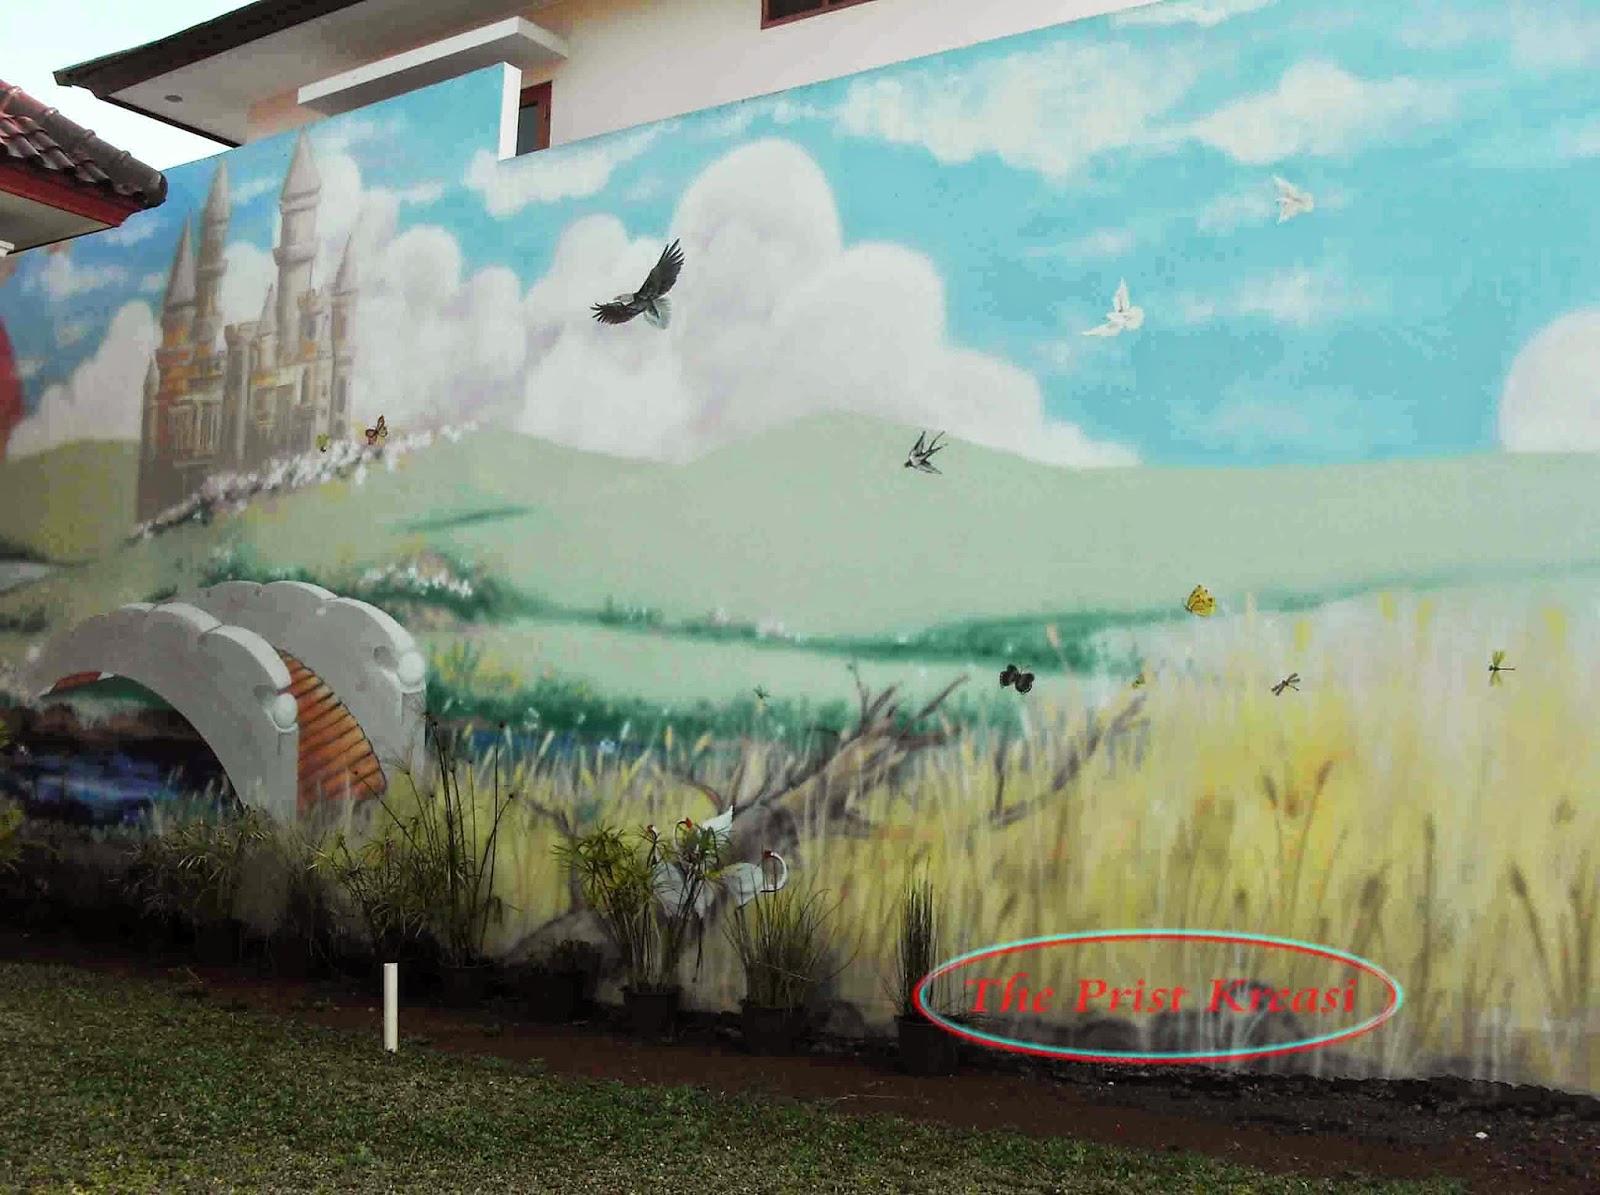 Krayonmedia Jasa Lukis Wajah Lukis Dinding Mural Lukis Dinding